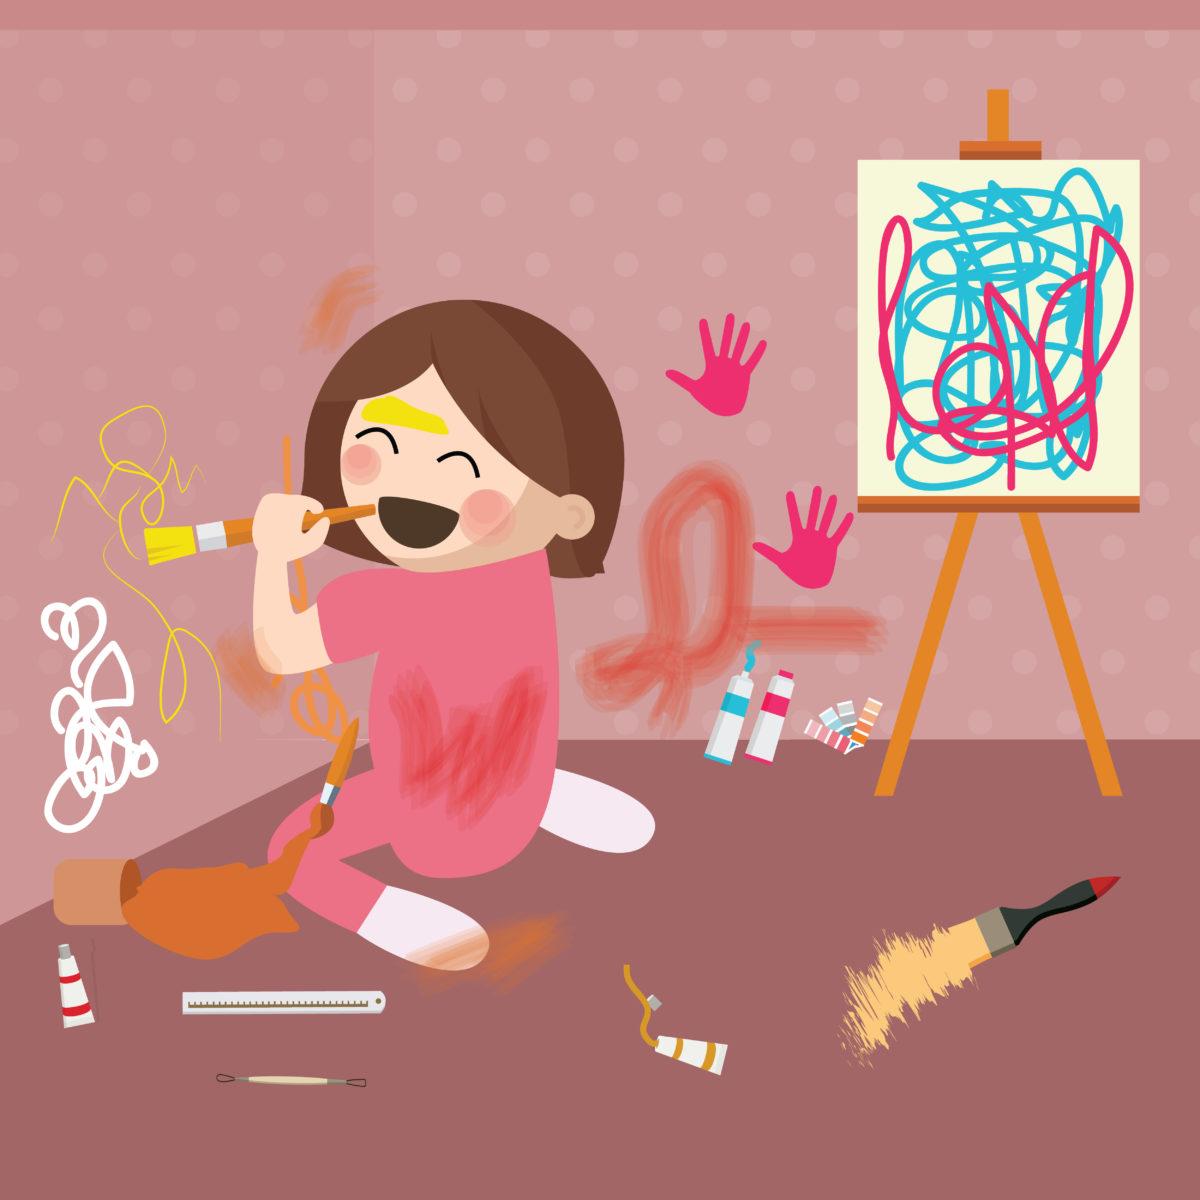 広汎性発達障がいってどんな特徴があるの?